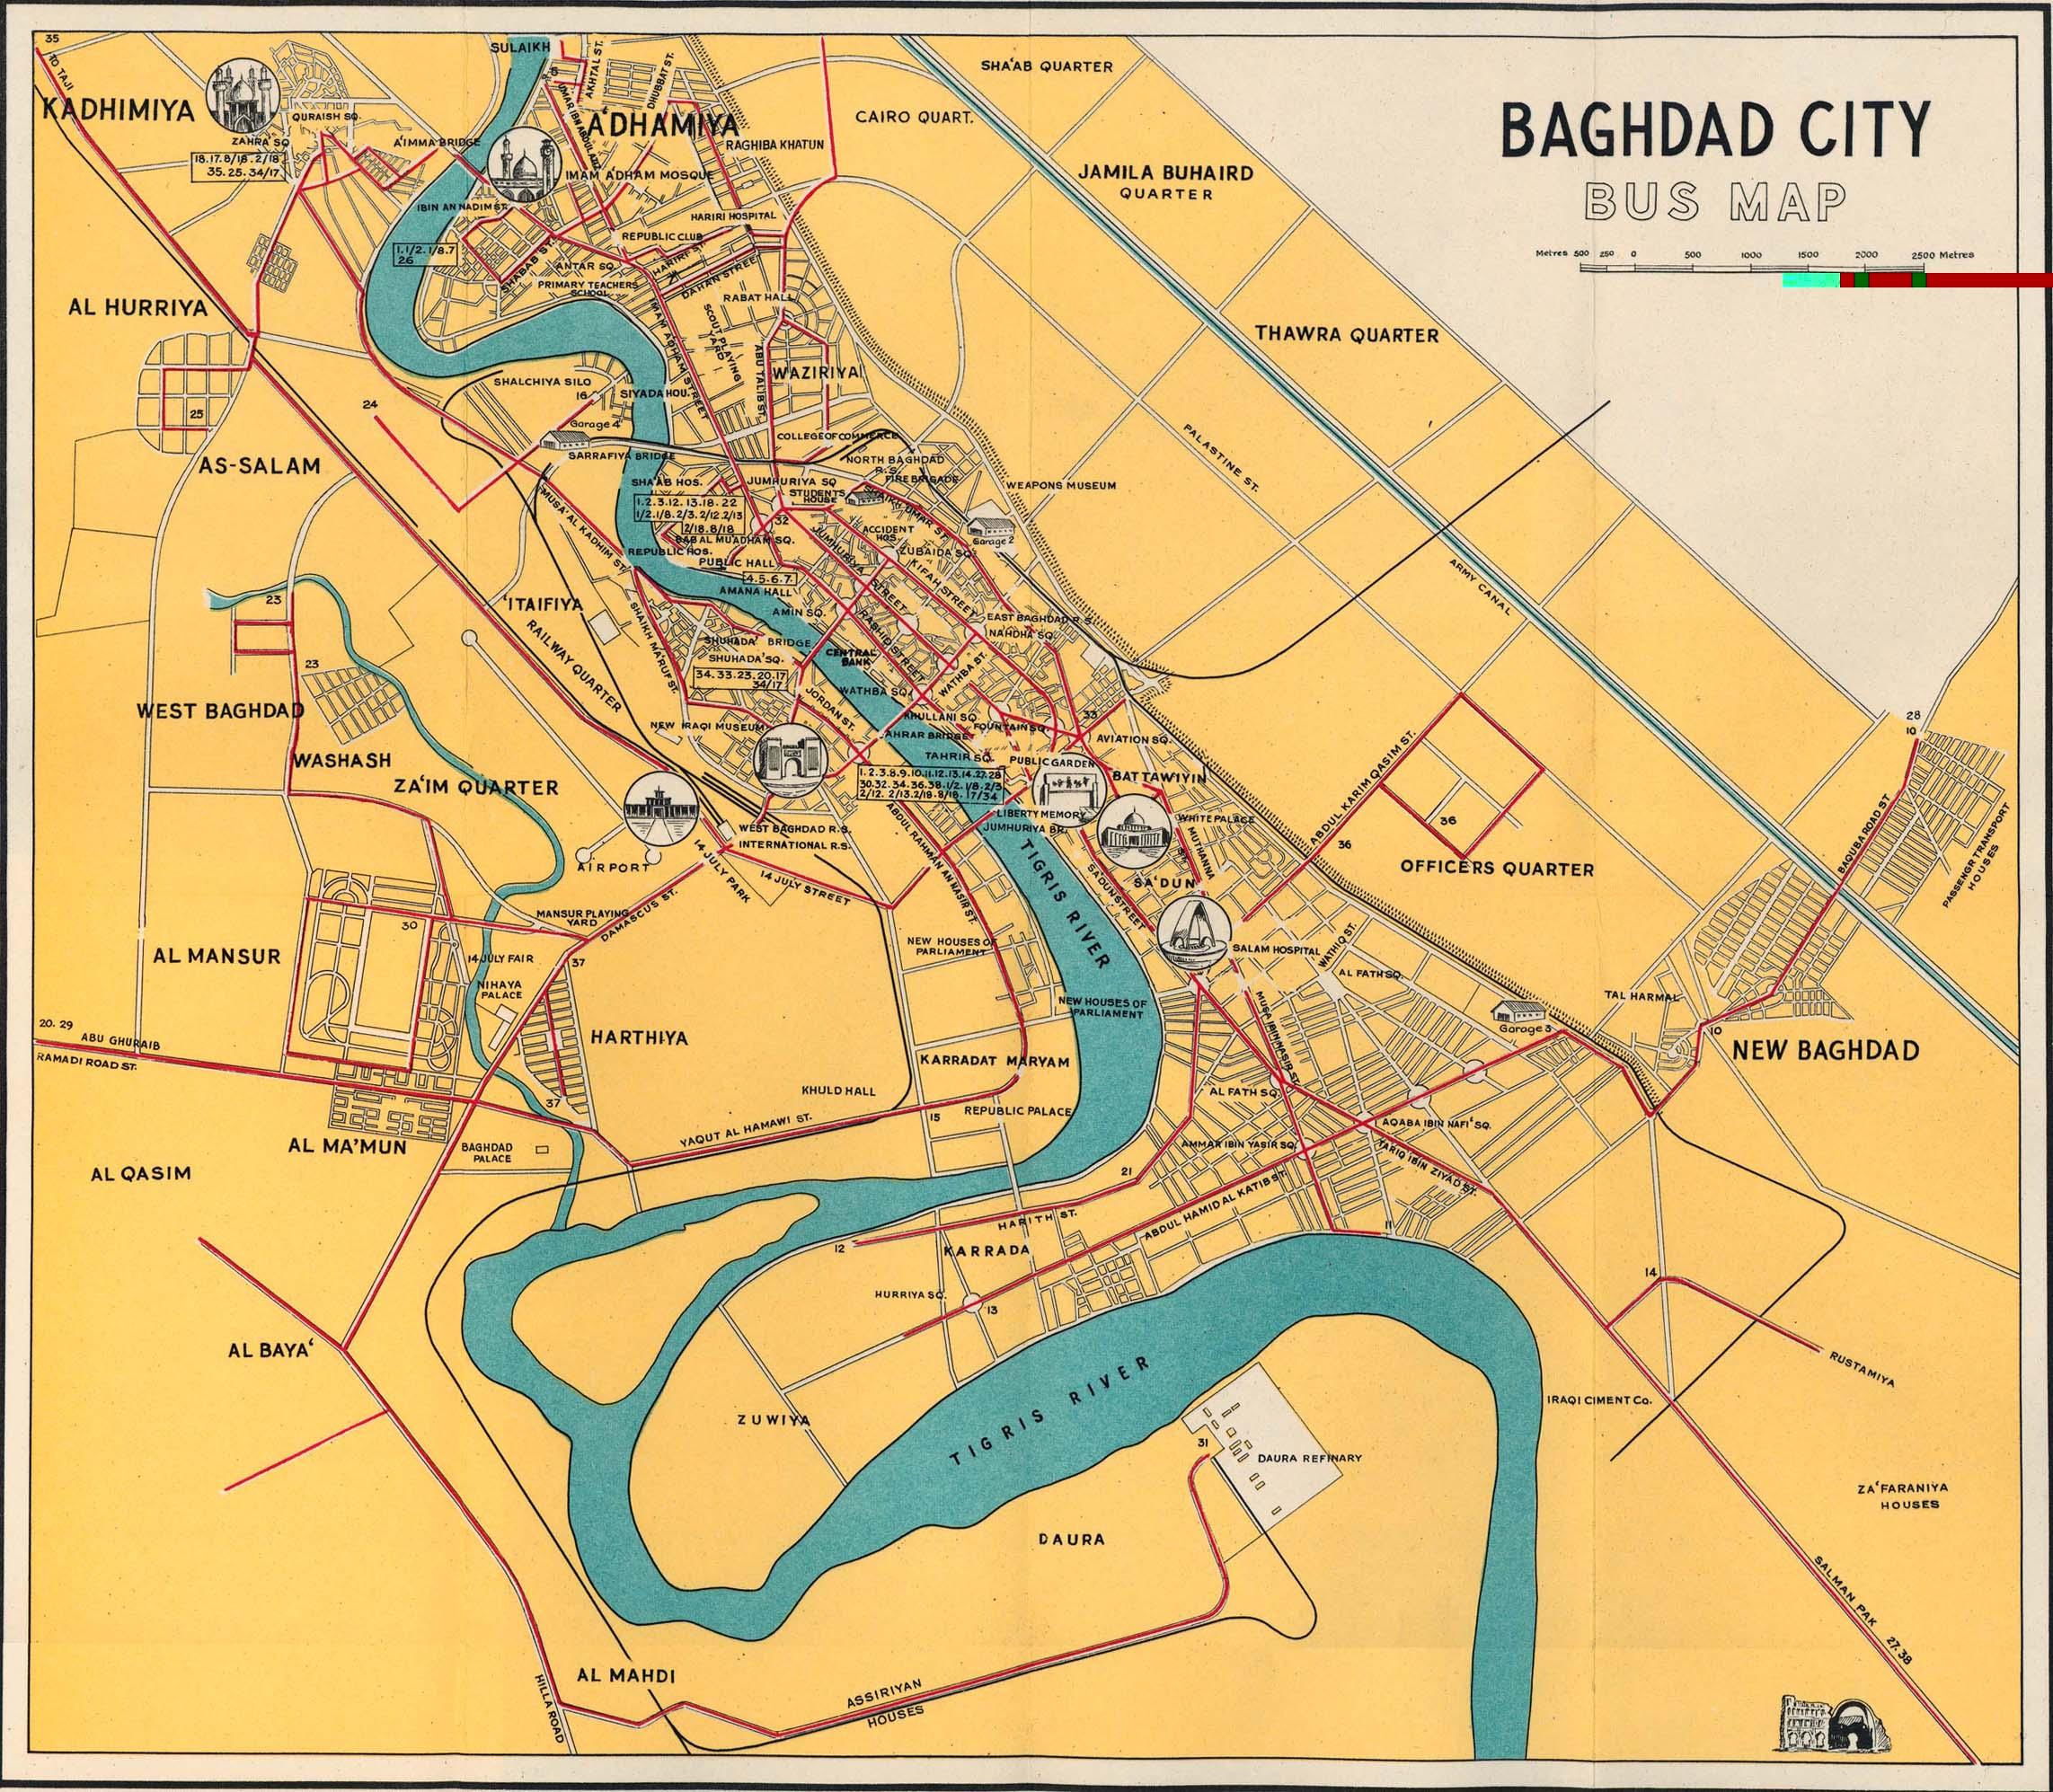 Baghdad Bus Map 1961